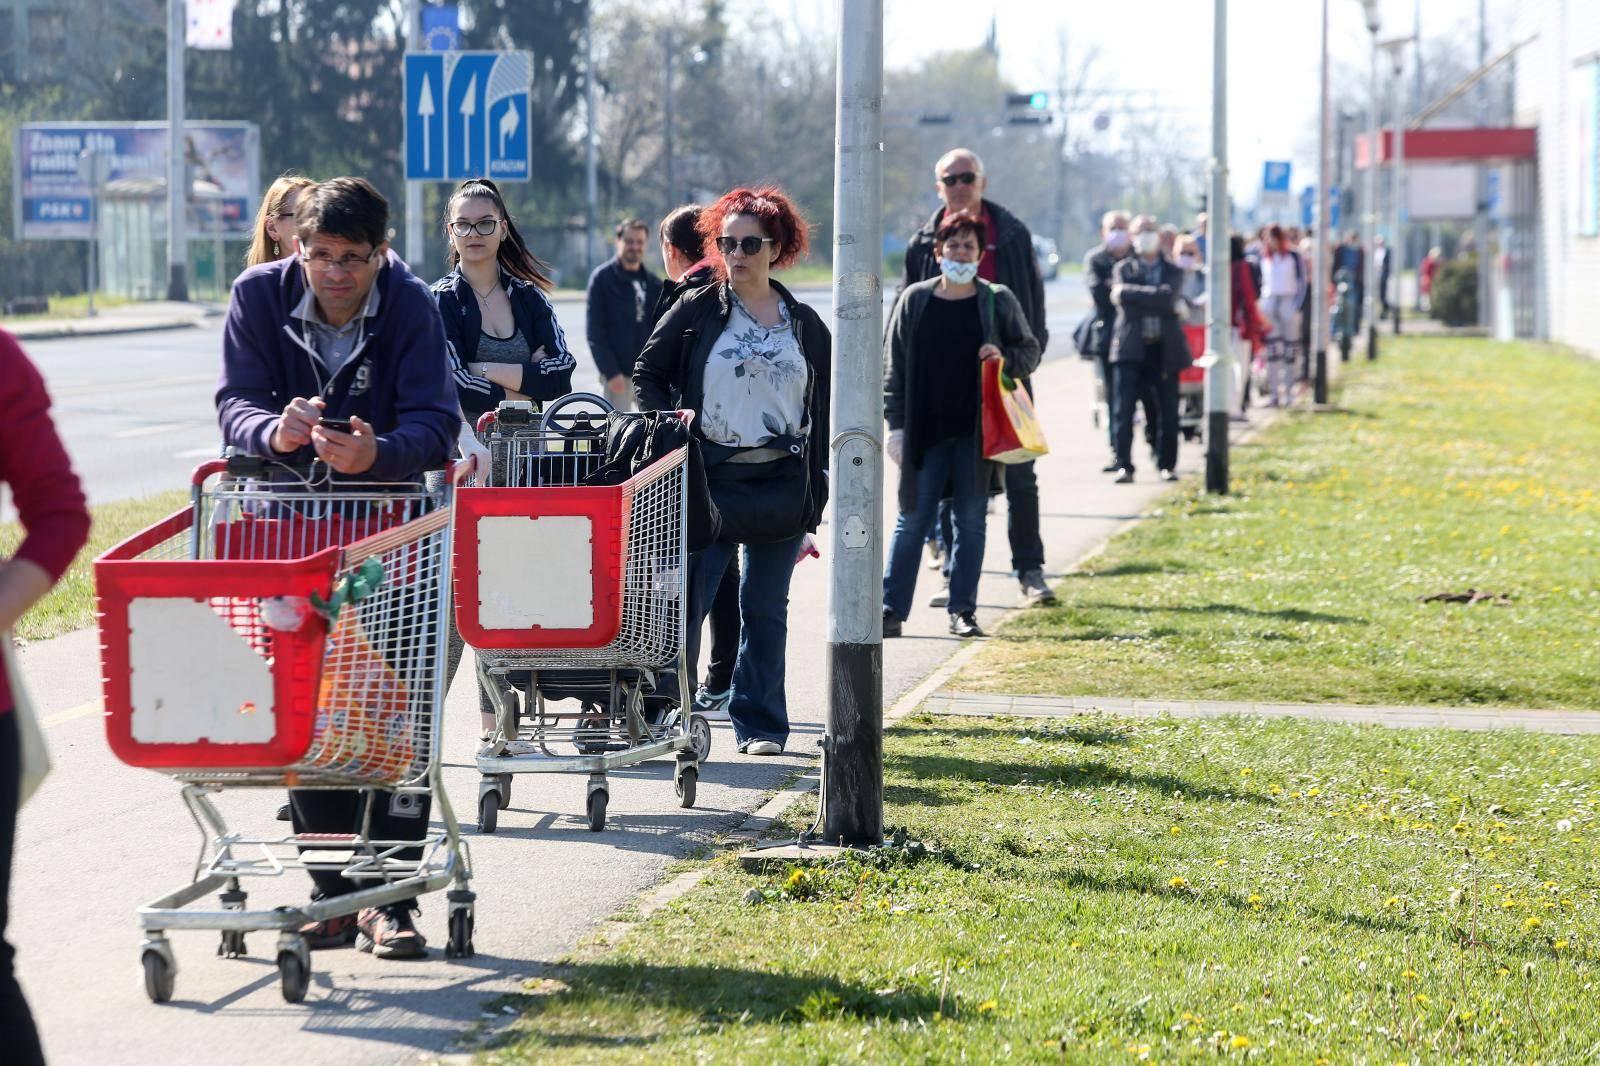 Zagreb: Dugačak red na ulazak u dućan kako bi obavili kupovinu prije blagdana Uskrsa